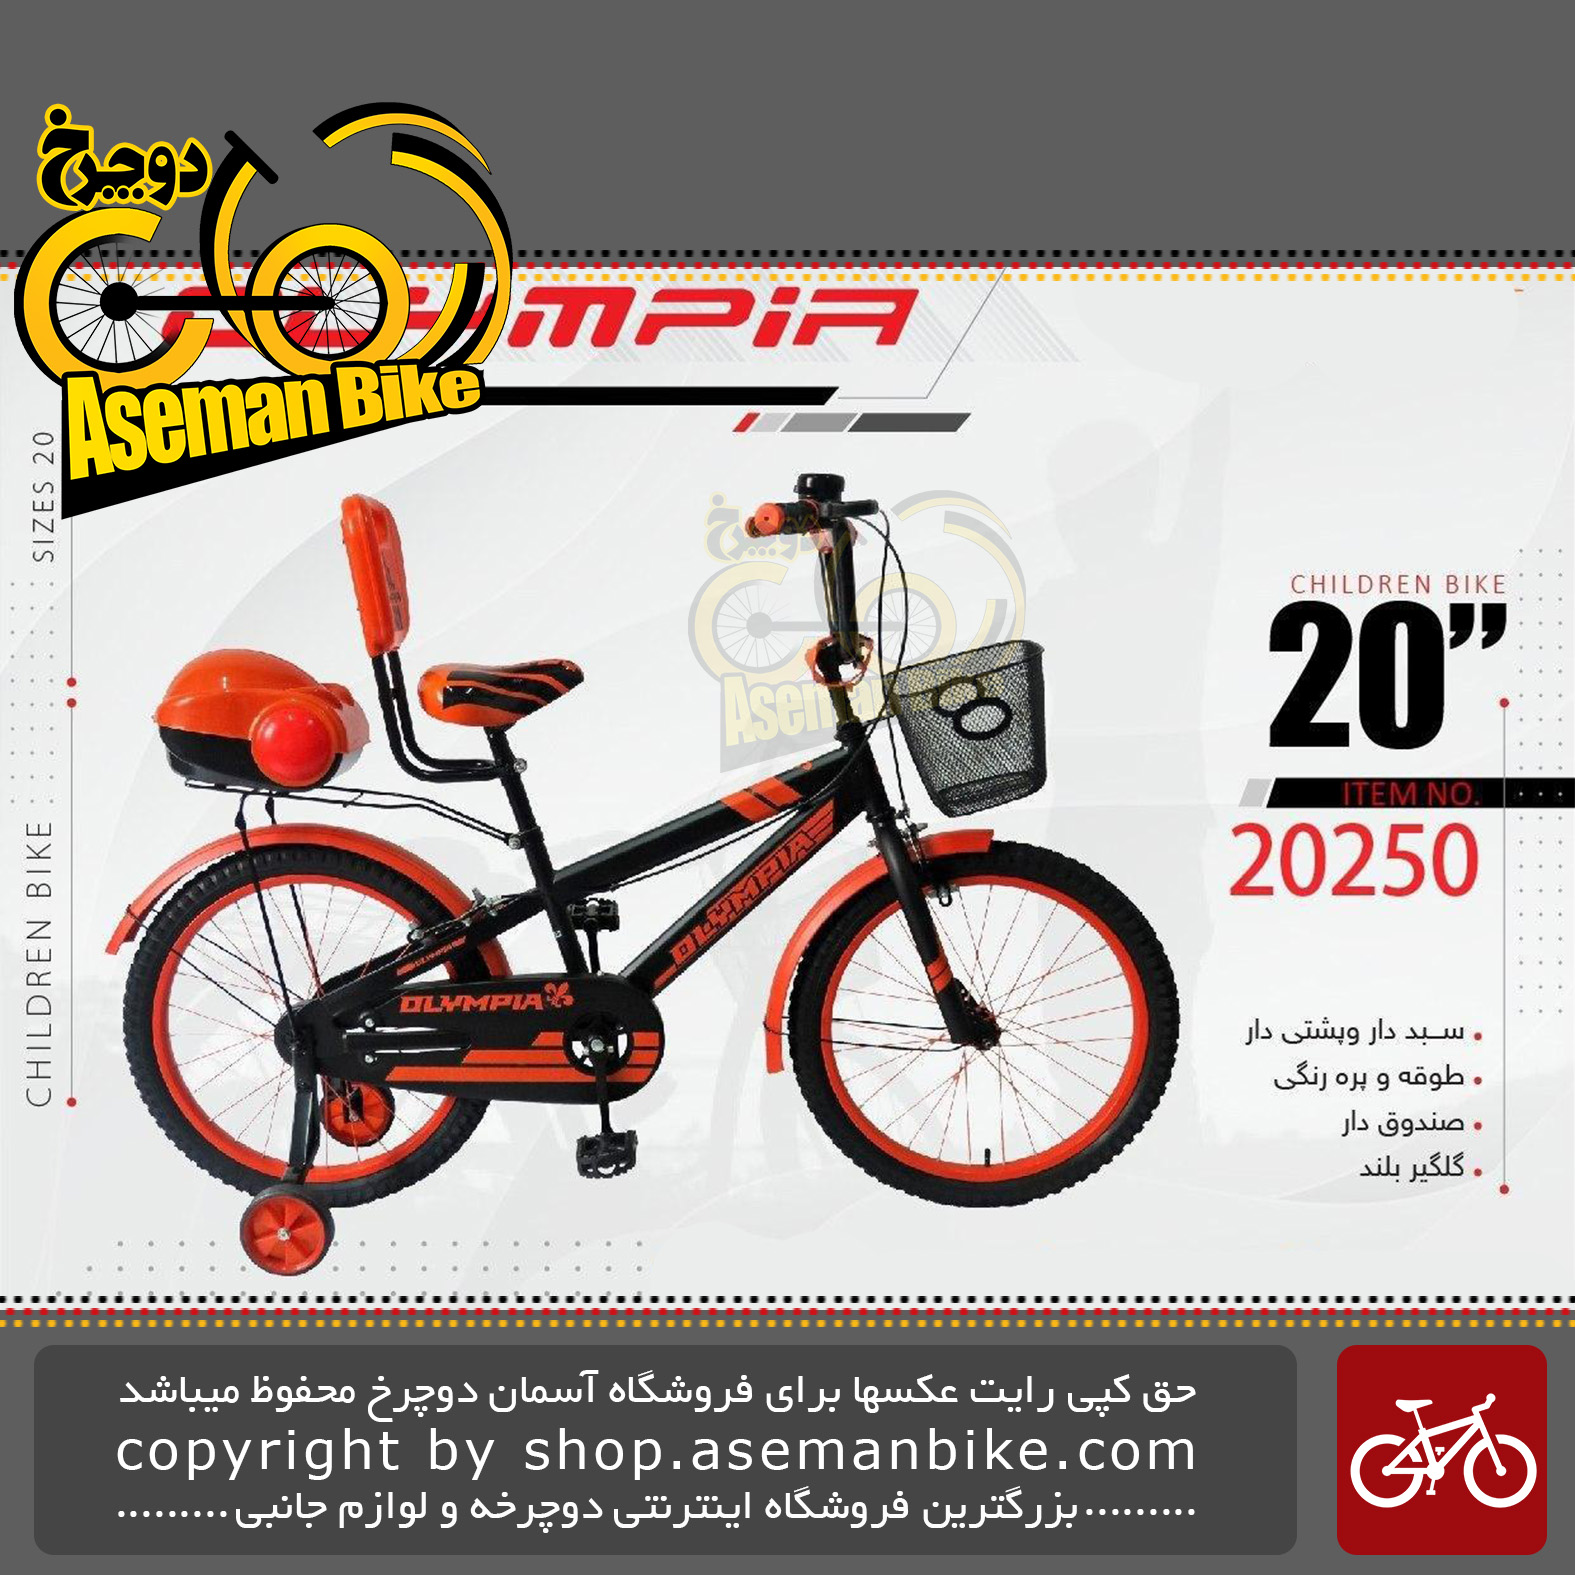 دوچرخه بچگانه المپیا سایز ۲۰ پشتی دار صندوق دار سبد دار مدل 20250 OLYMPIA Bicycle Children Bike Size 20 Model 20250